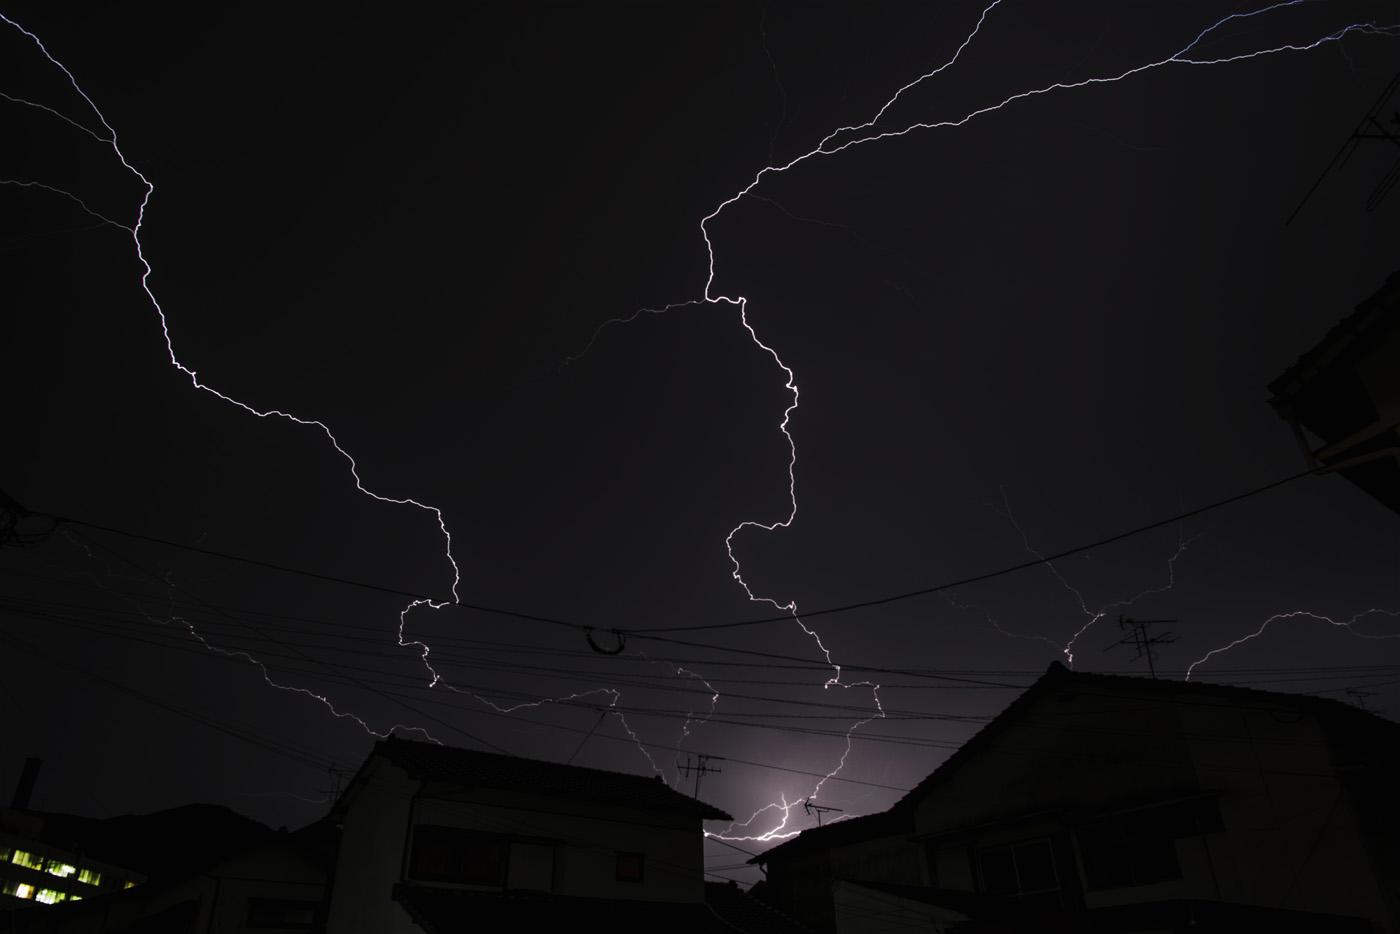 台風15号(コンレイ)接近中〜天翔る稲妻〜_c0028861_22393346.jpg